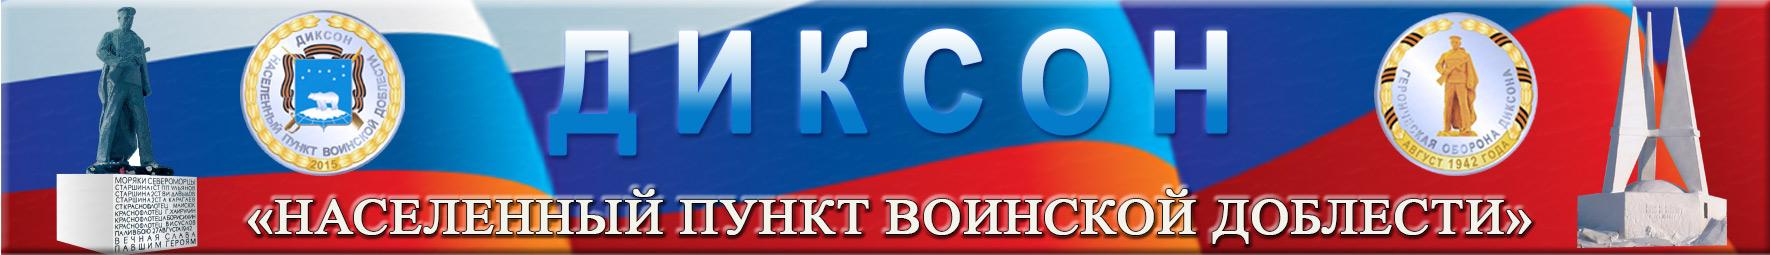 Официальный сайт органов местного самоуправления городского поселения Диксон